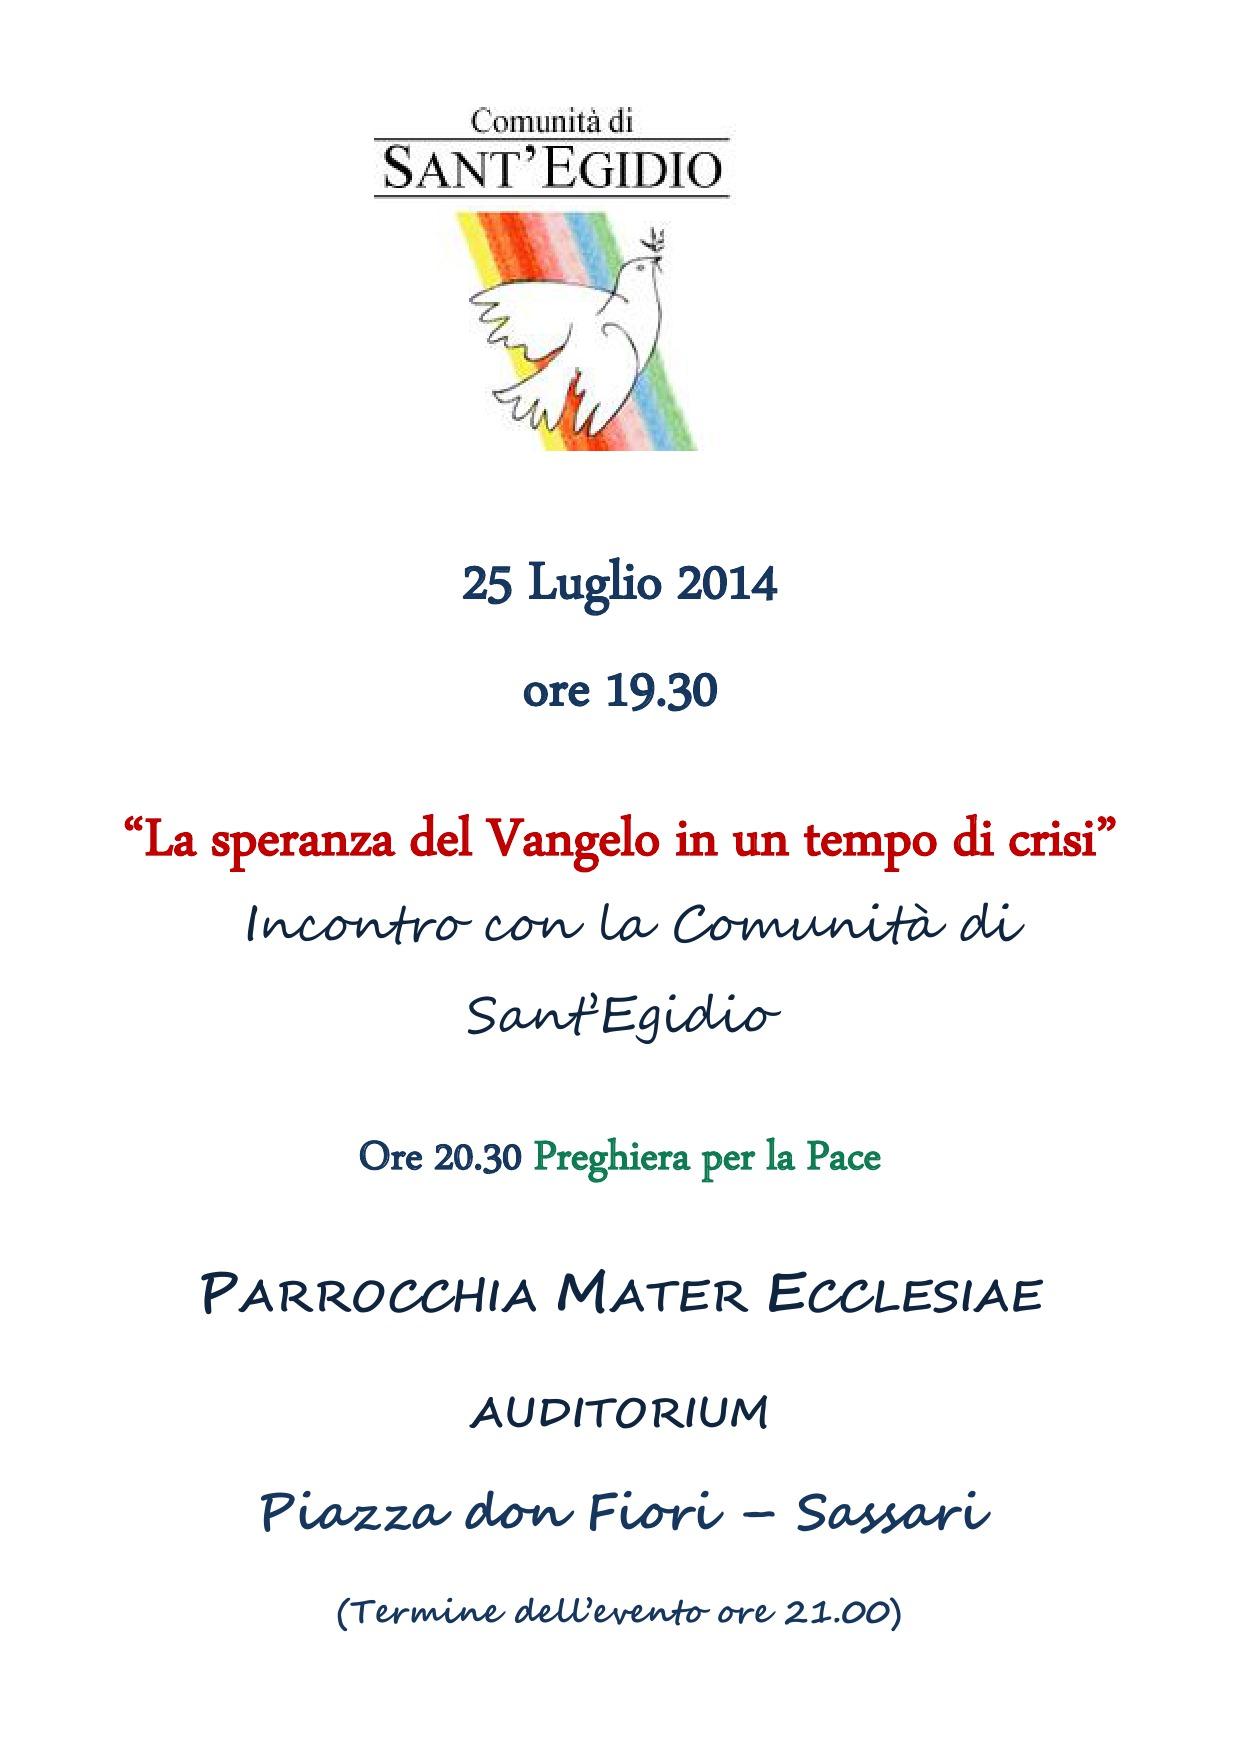 Sassari 25 Luglio Incontro Comunita Sant'Egidio